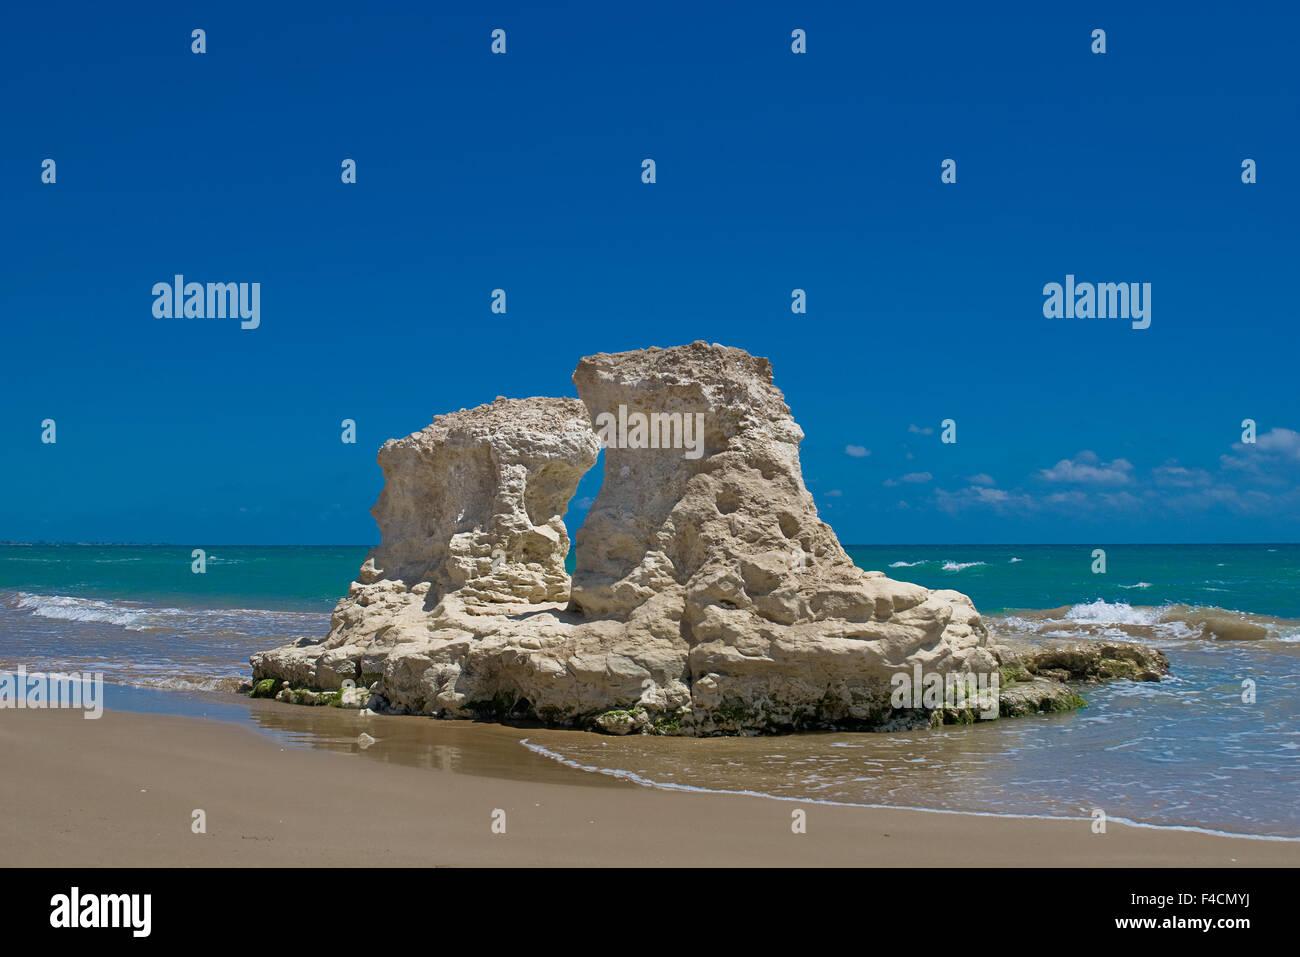 Limestone Rock Formation along the coast of Pozzallo, Italy. Stock Photo